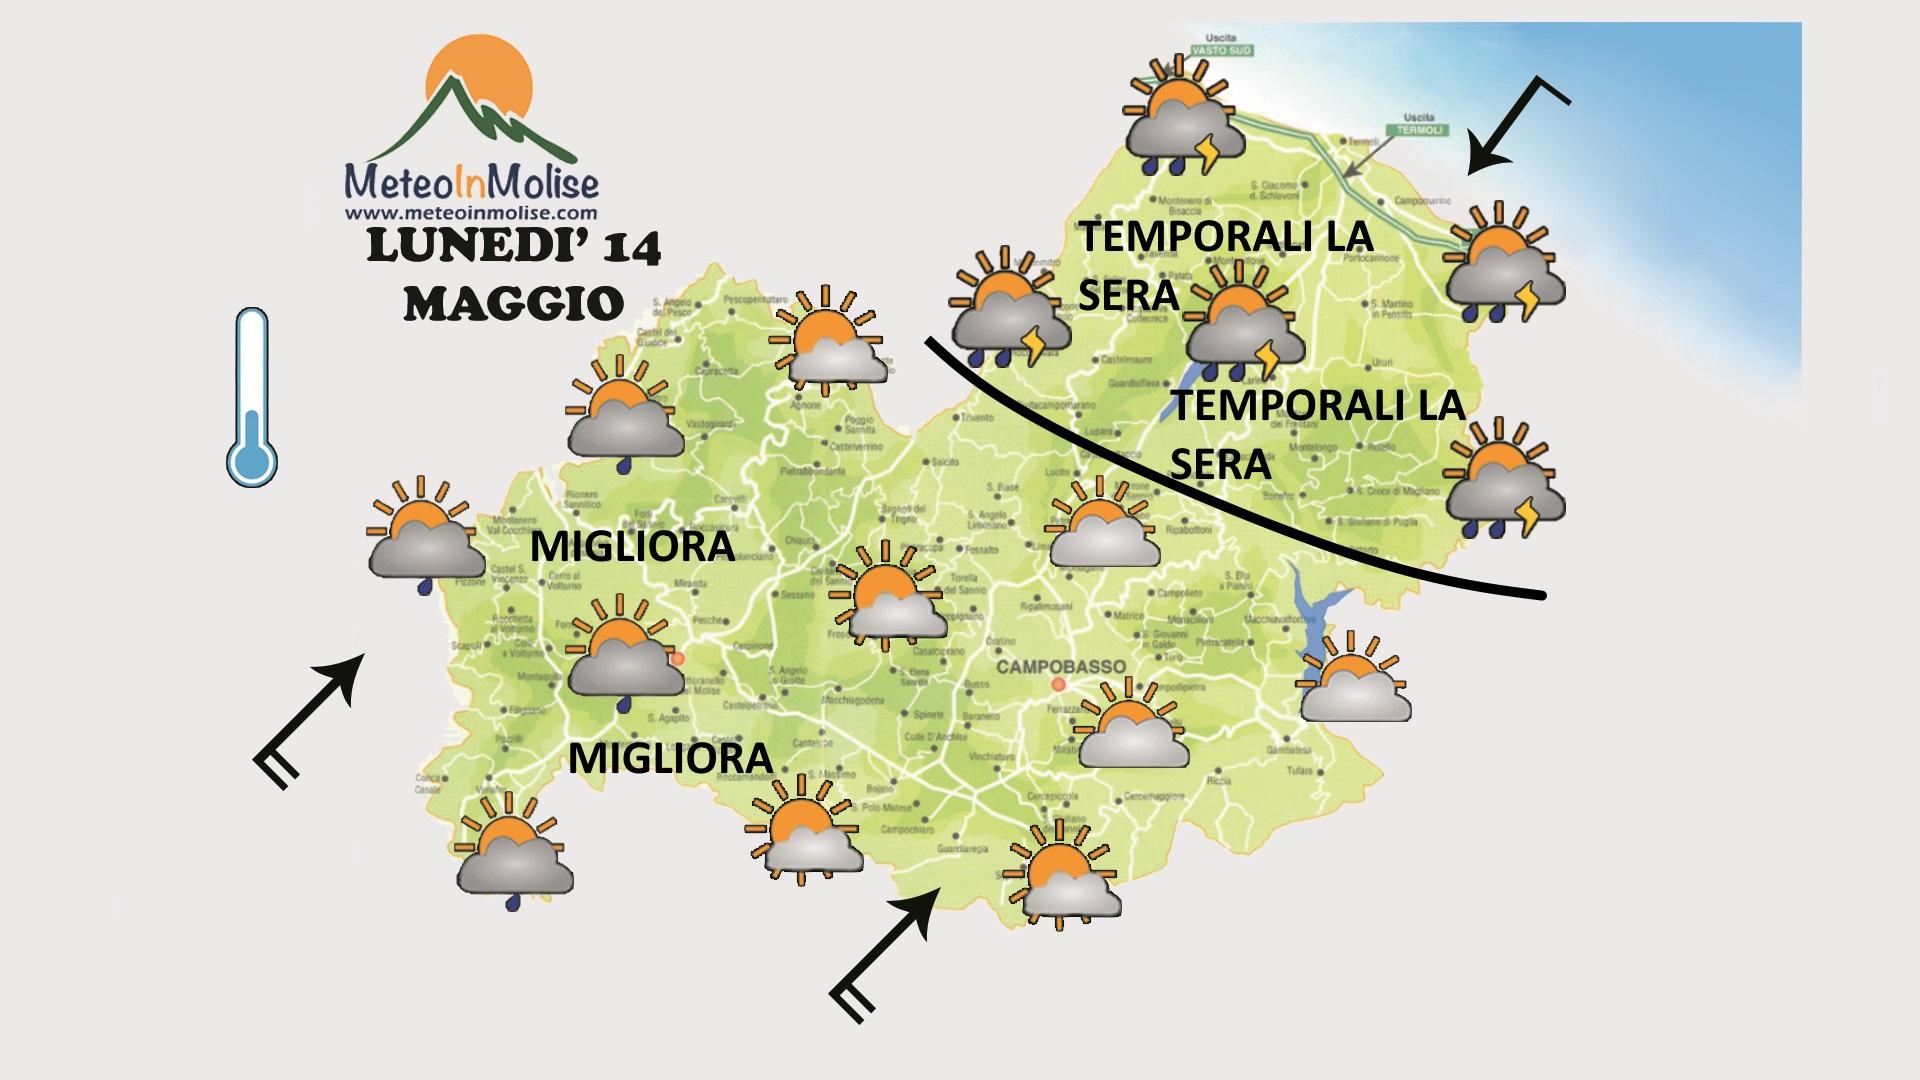 METEO IN MOLISE – Temporali e calo della temperatura a causa del vortice di bassa pressione in formazione sulla Liguria